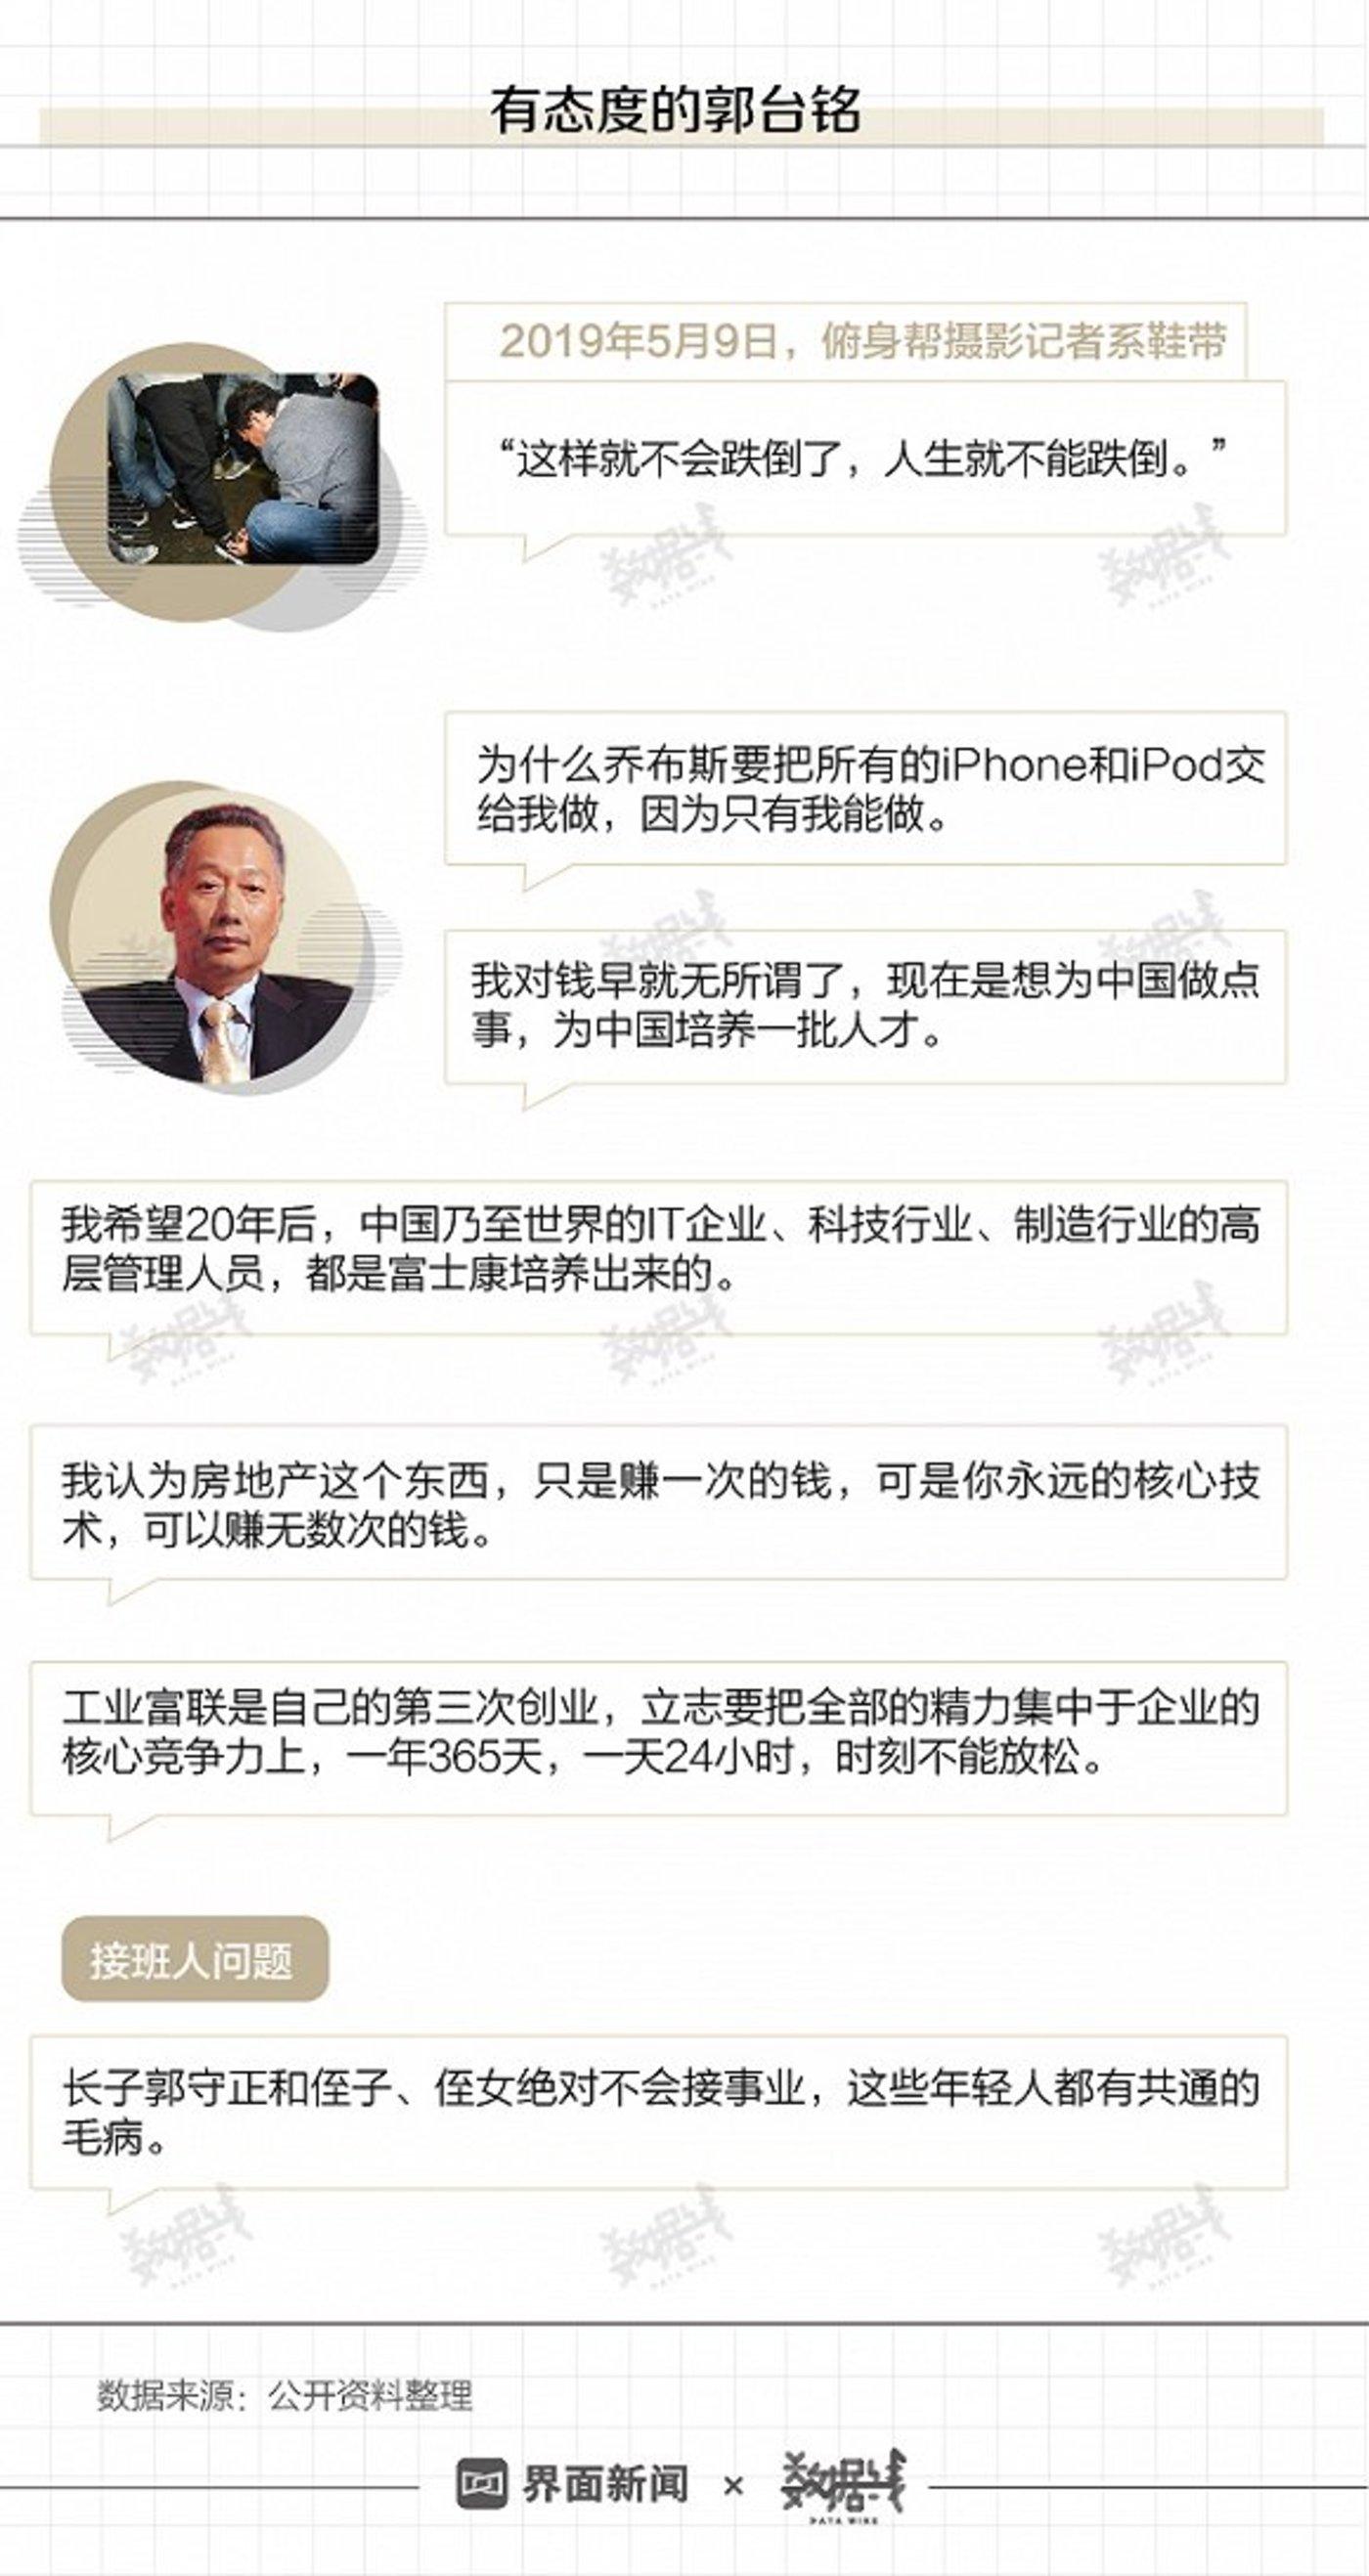 郭台铭卸任鸿海董事长,接班人何许人也?